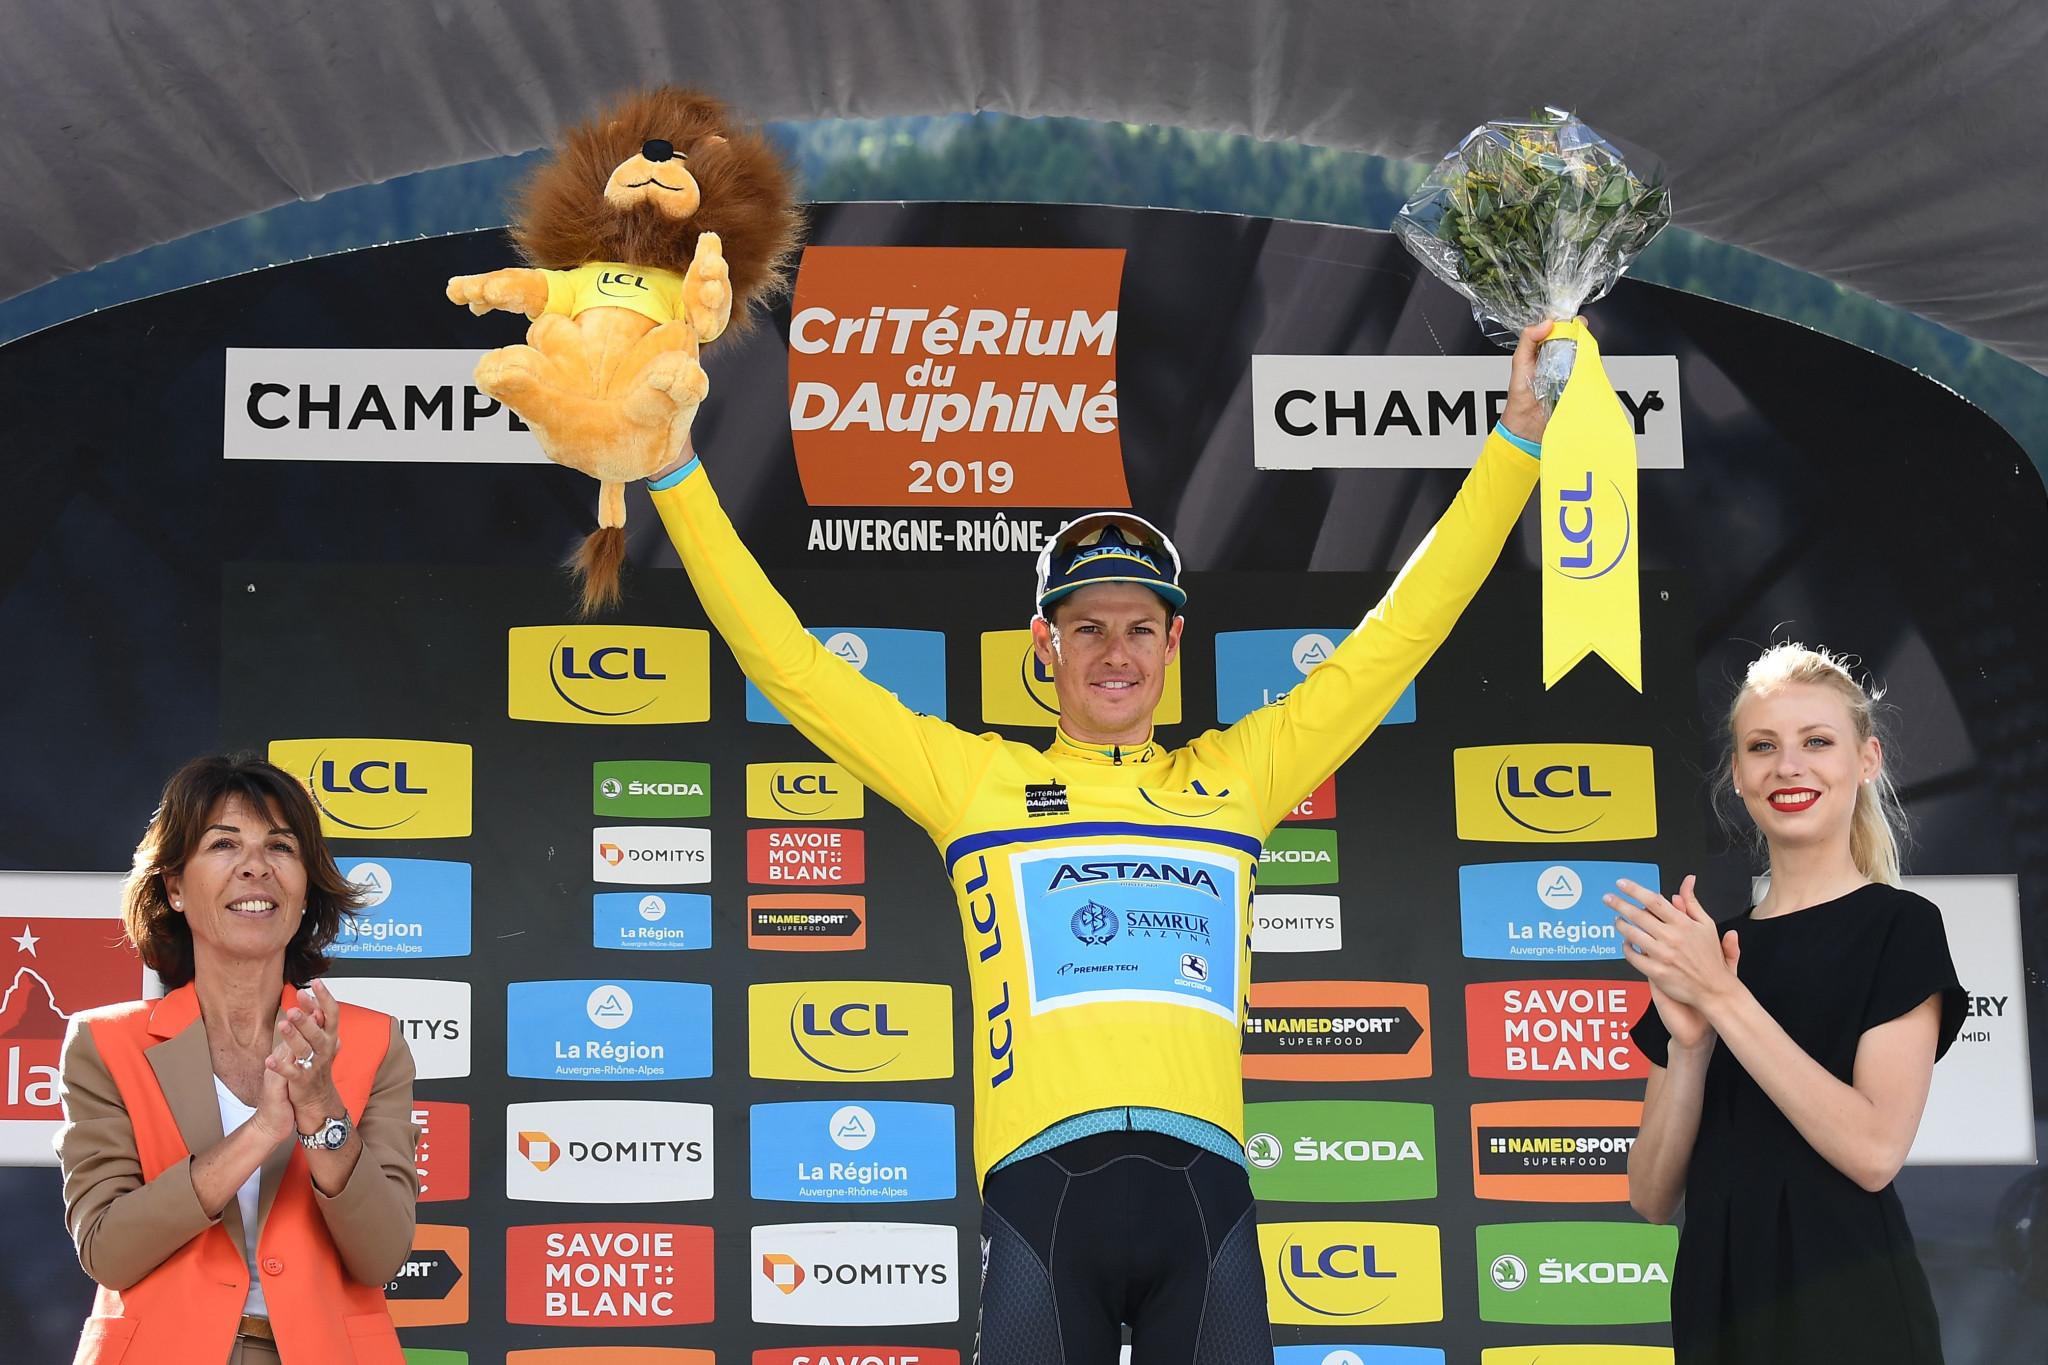 Danish dominate as Fuglsang secures second Critérium du Dauphiné title